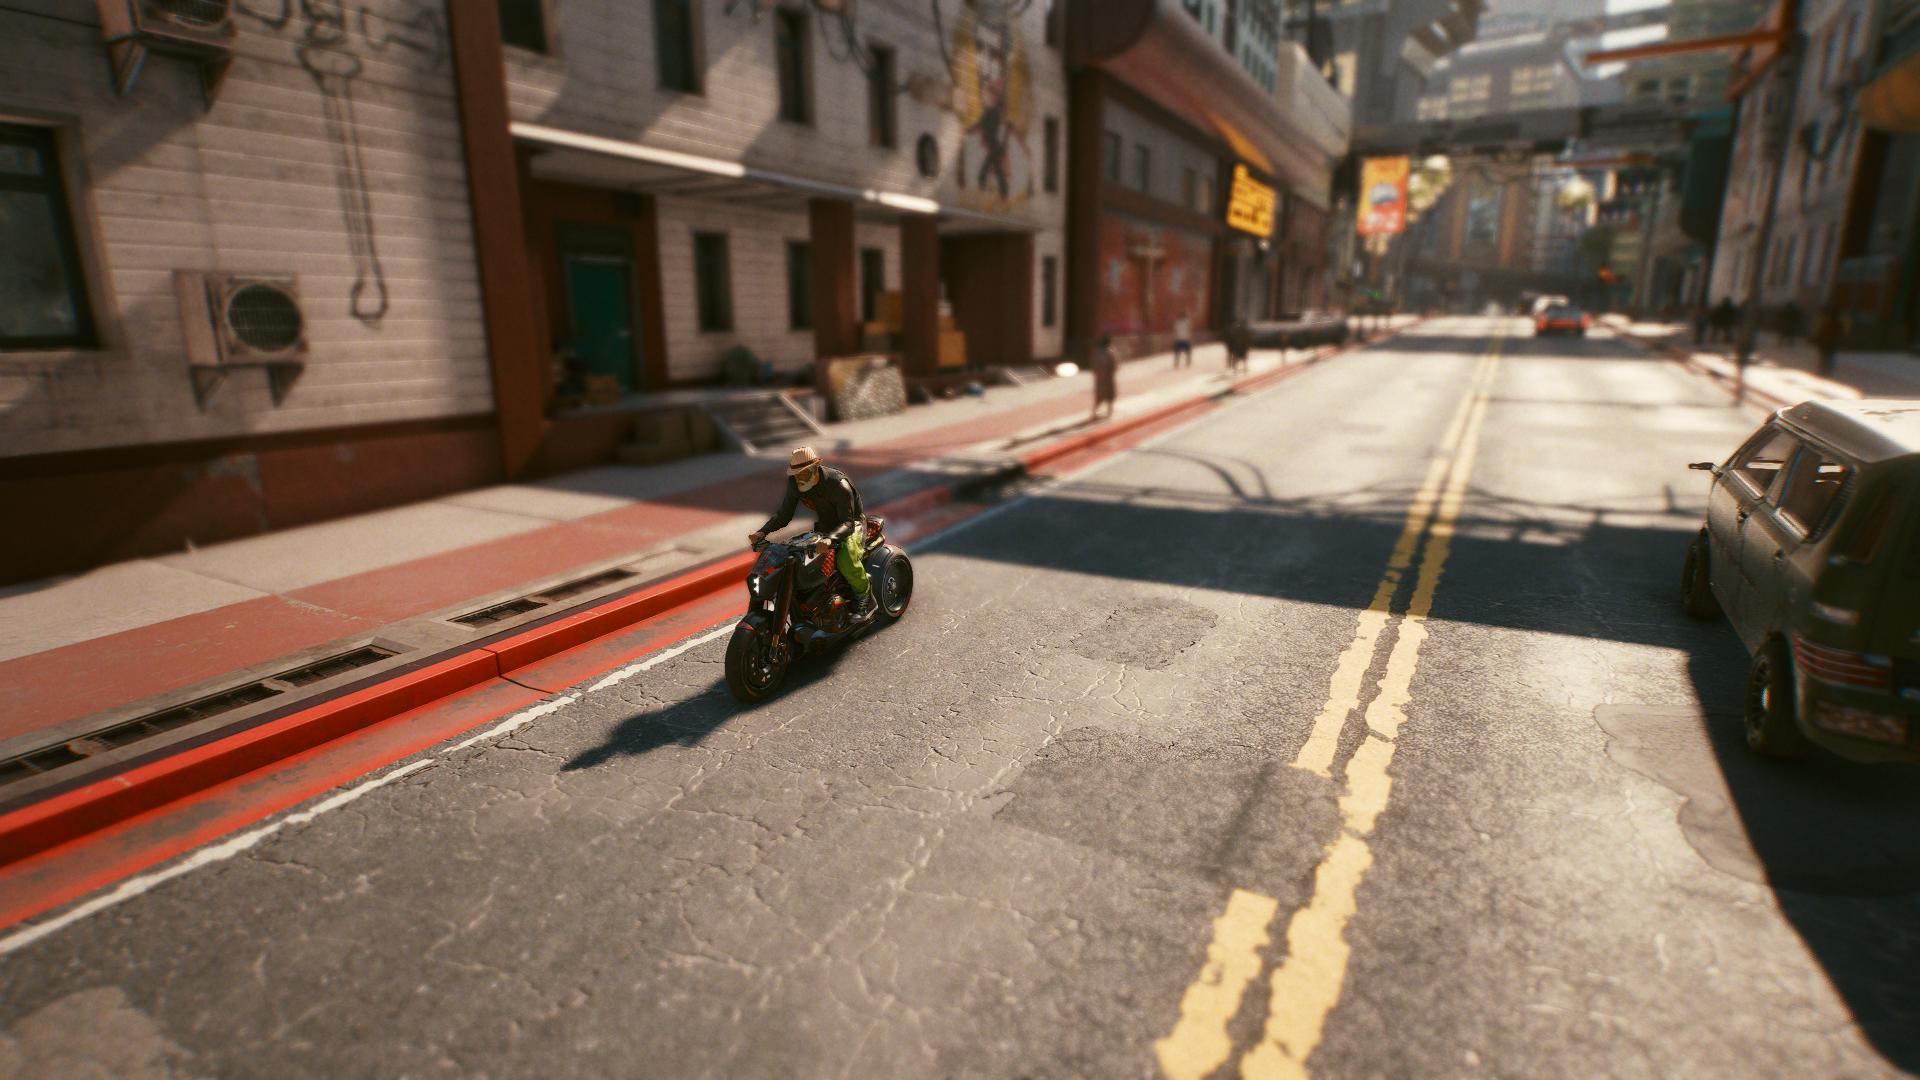 Comment obtenir le vélo de Jackie et terminer les héros dans Cyberpunk 2077